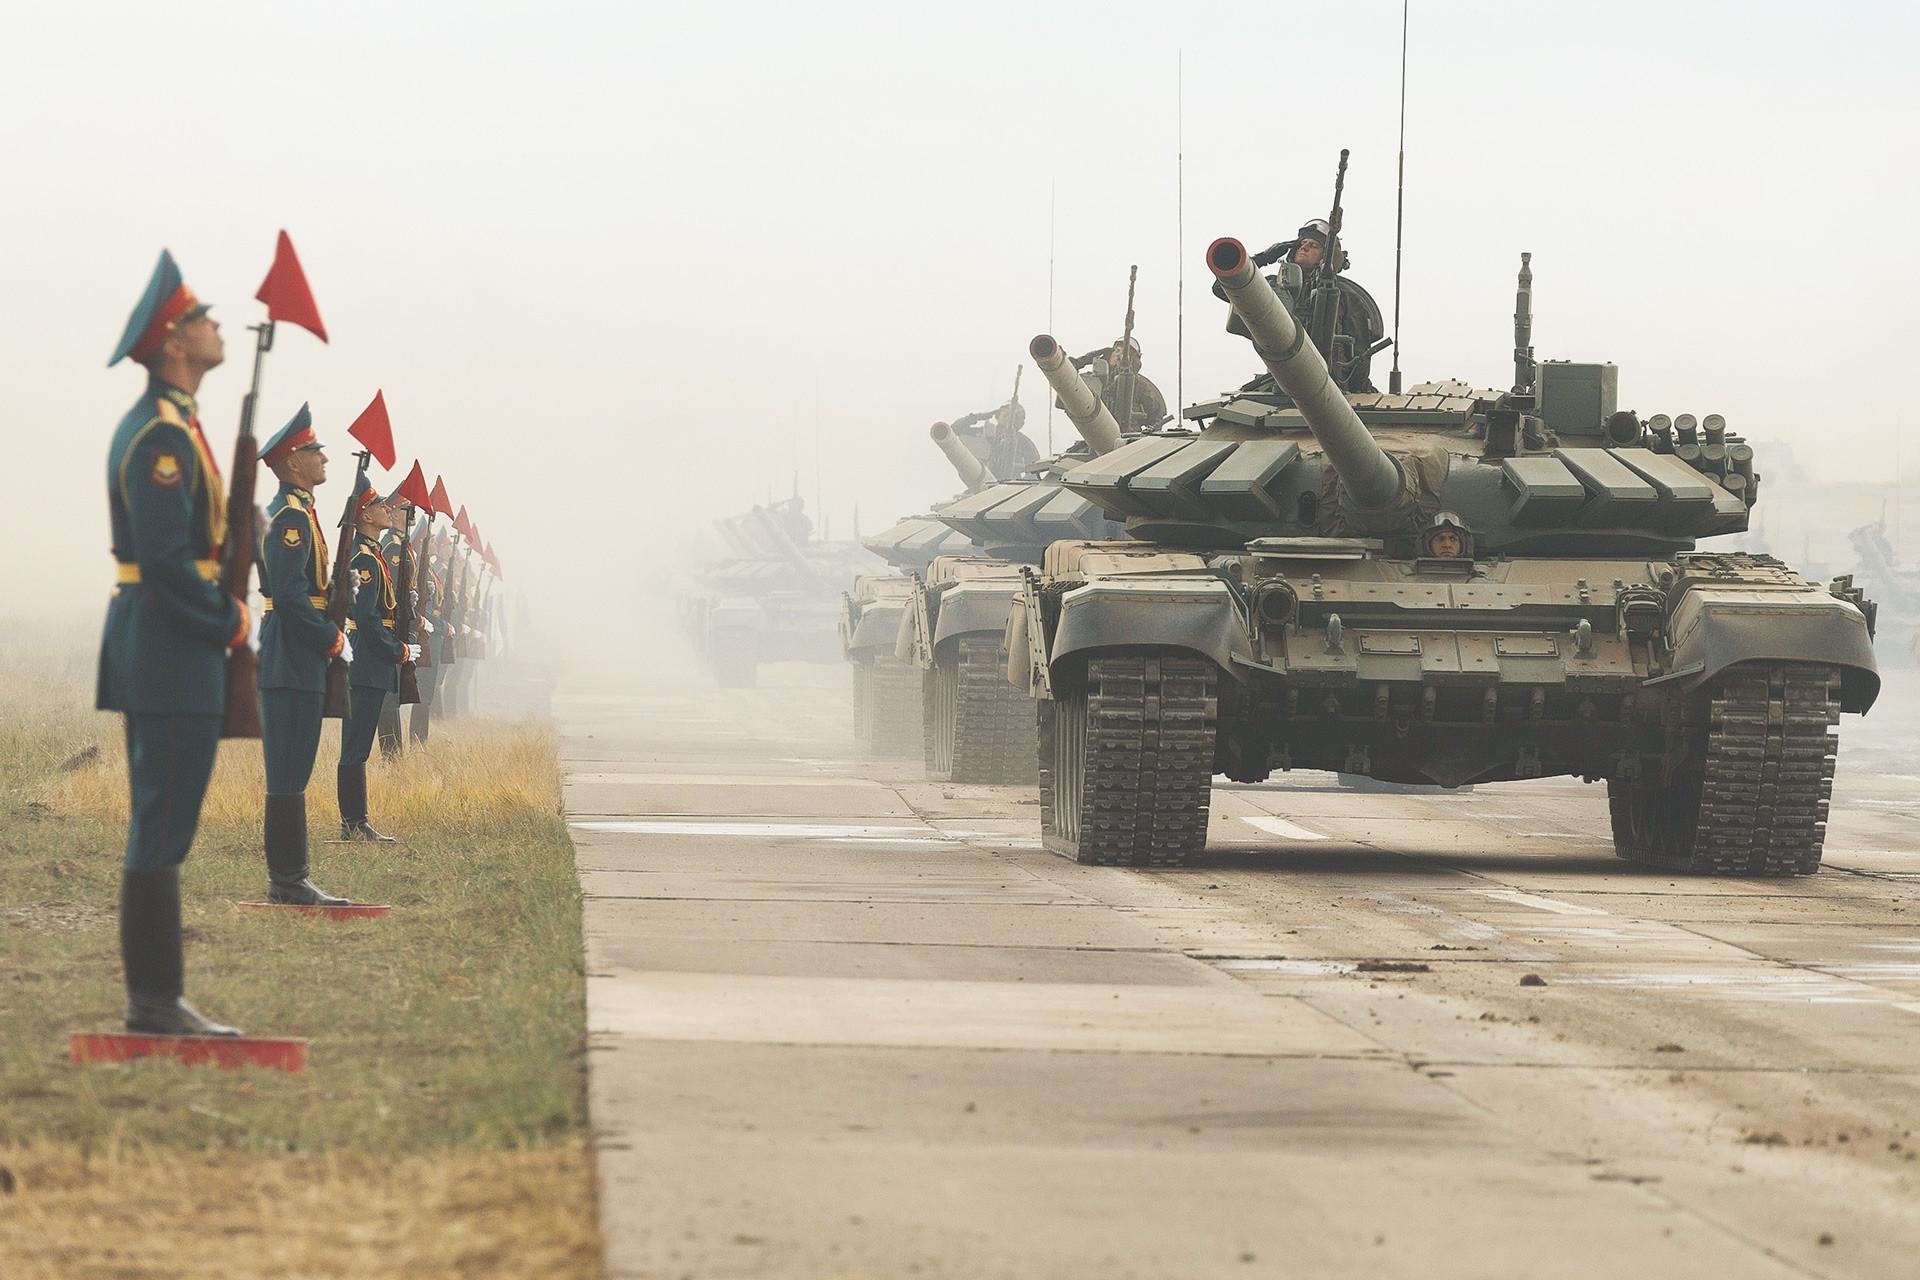 ロシア連邦軍の主力戦車「T-72B3」。ツゴル演習場での露中合同軍事演習「ボストーク2018」に参加した車両・航空機によるパレードにて。